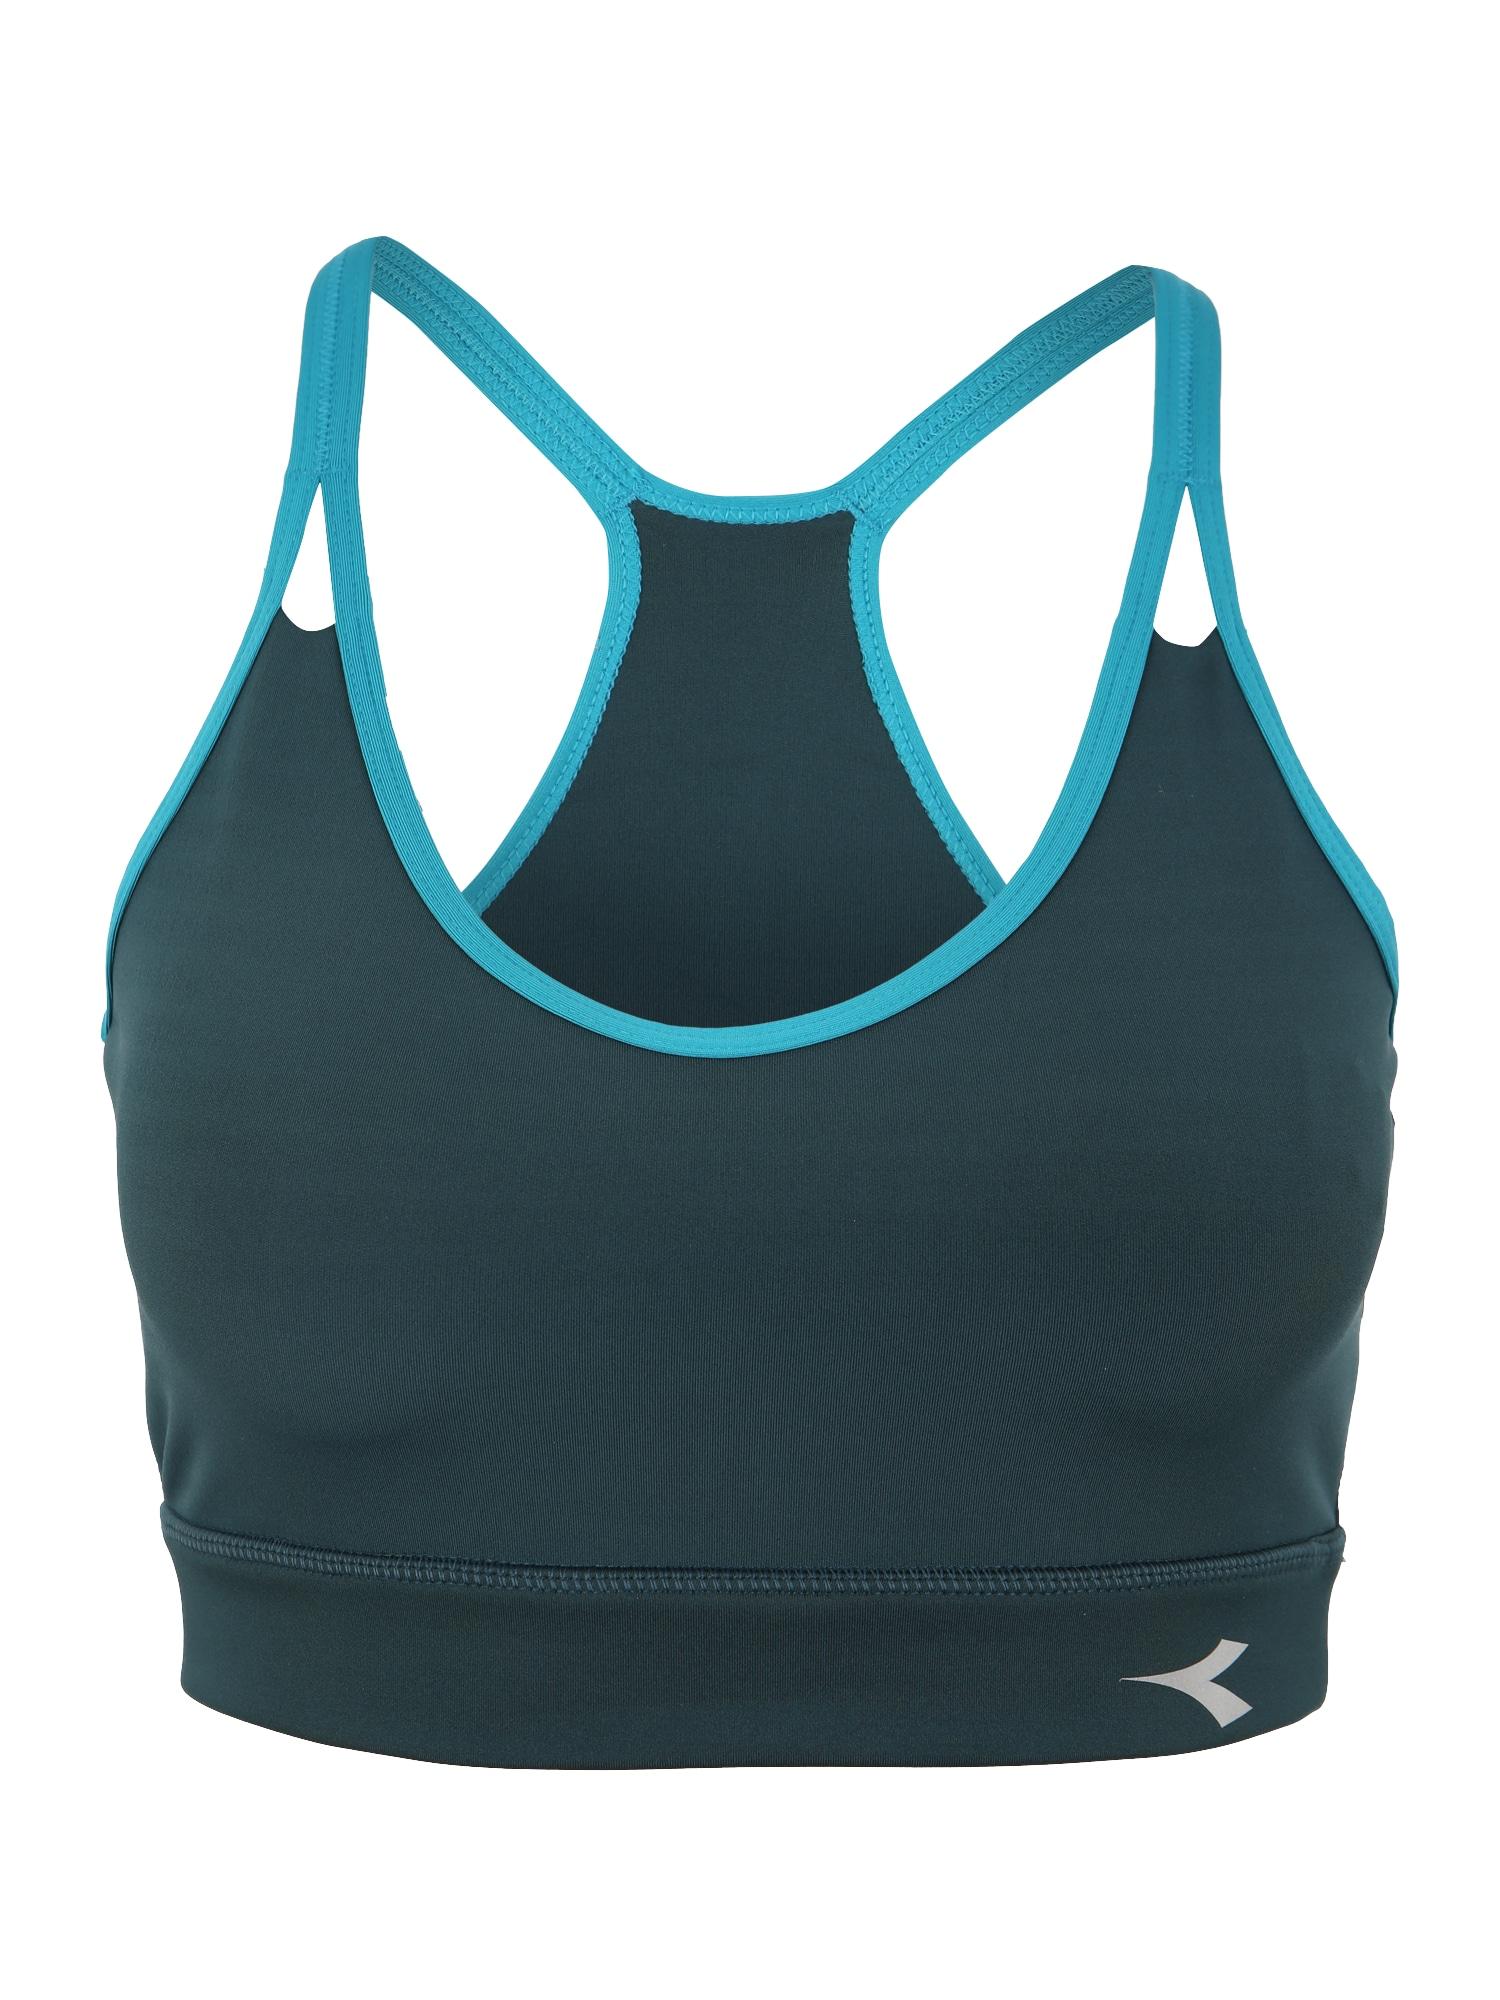 Sportovní podprsenka modrá zelená Diadora